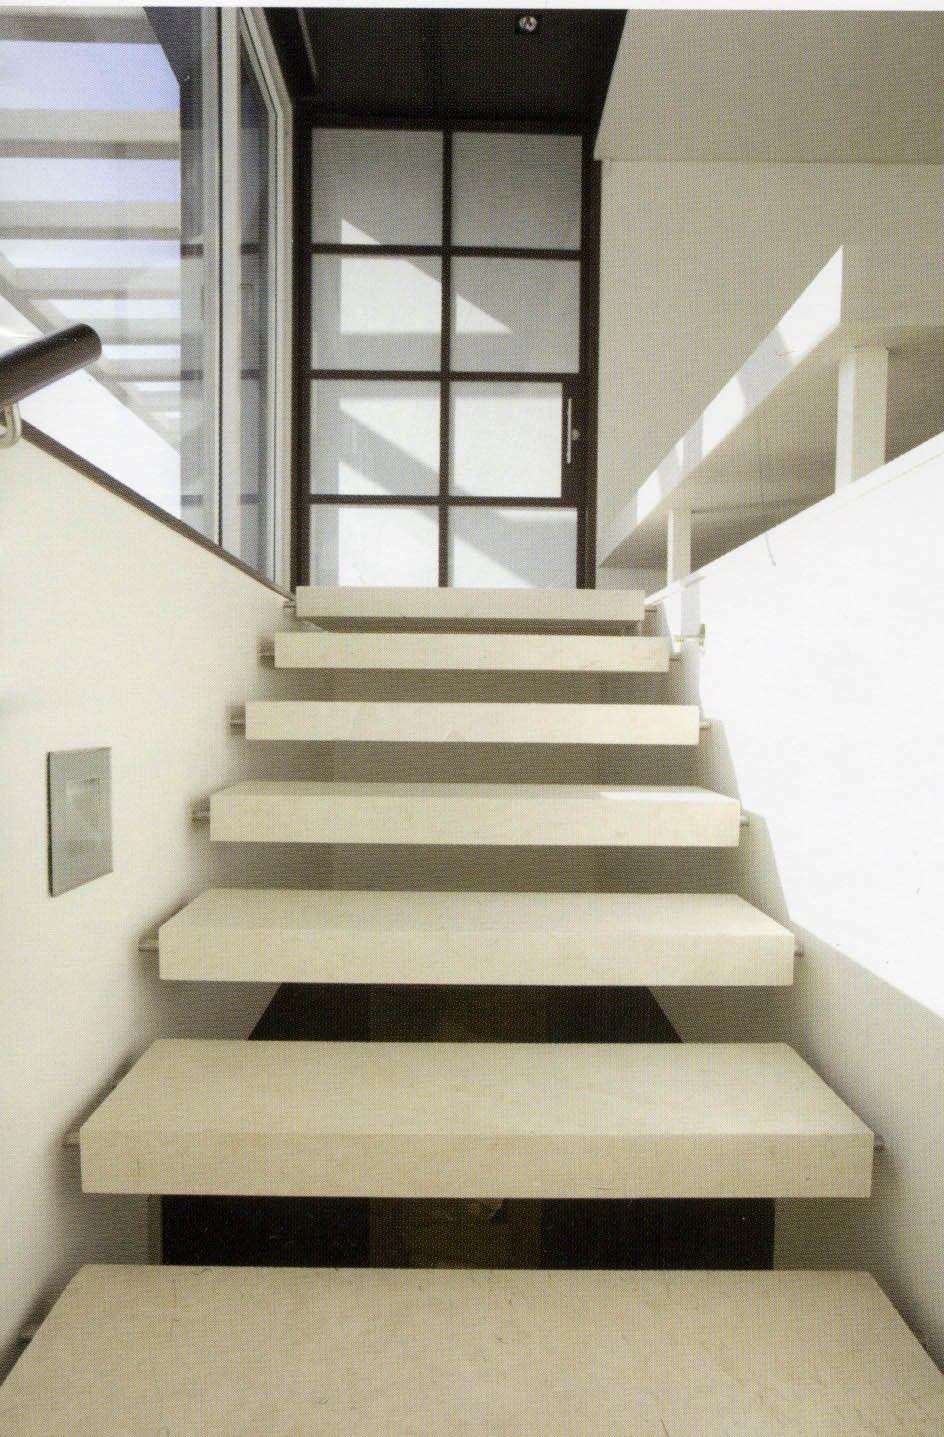 Design Floating Steps floating steps stairs pinterest steps